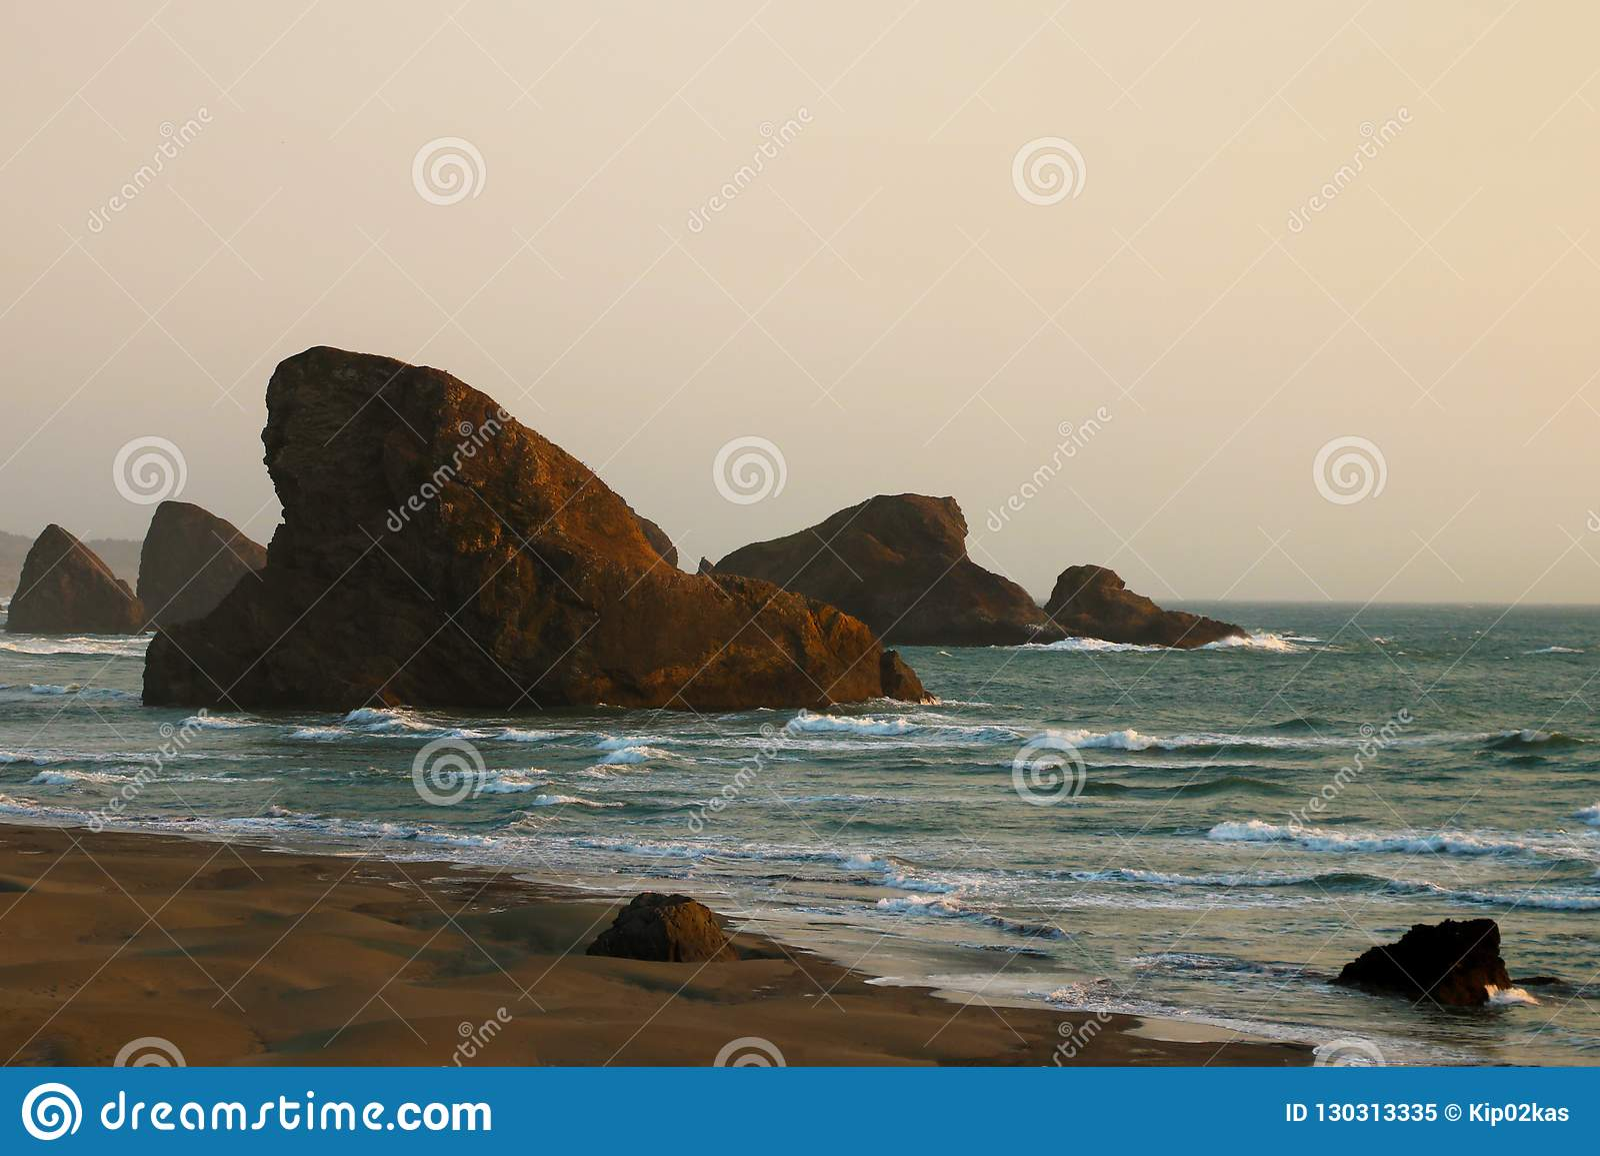 Vista do oceano no fundo de um por do sol bonito matizado